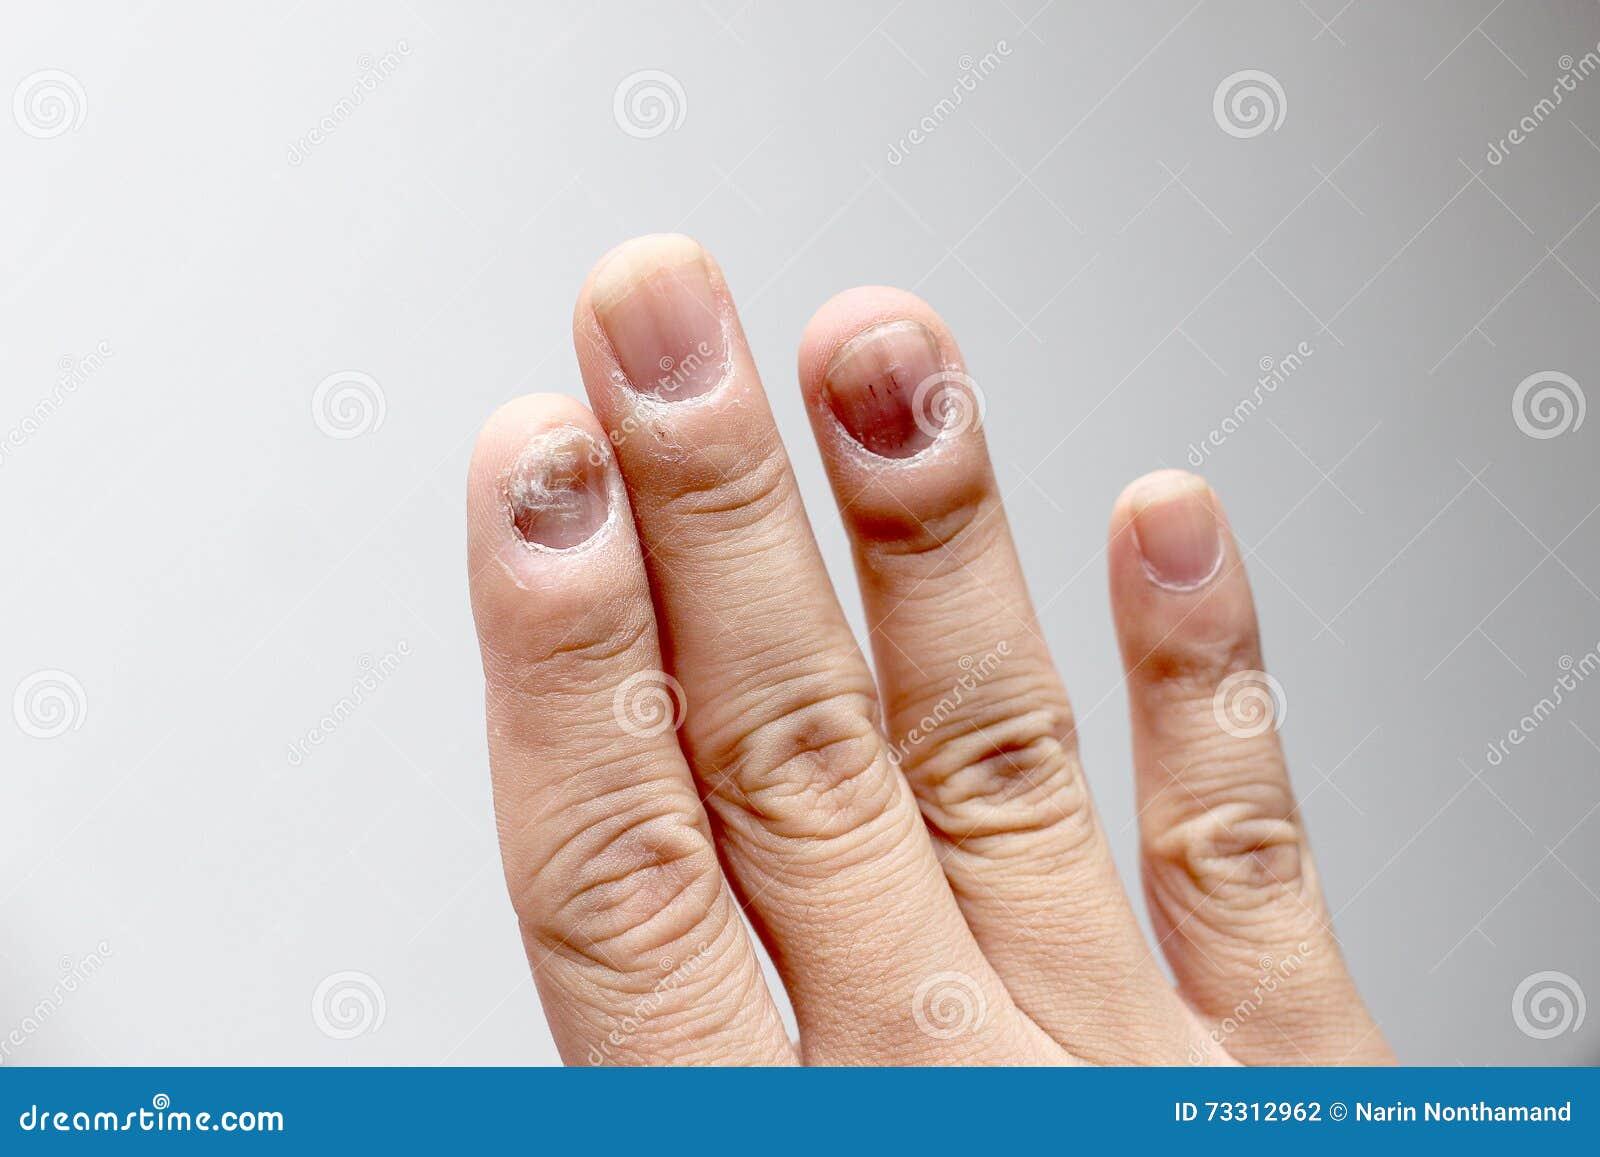 Infektion i finger